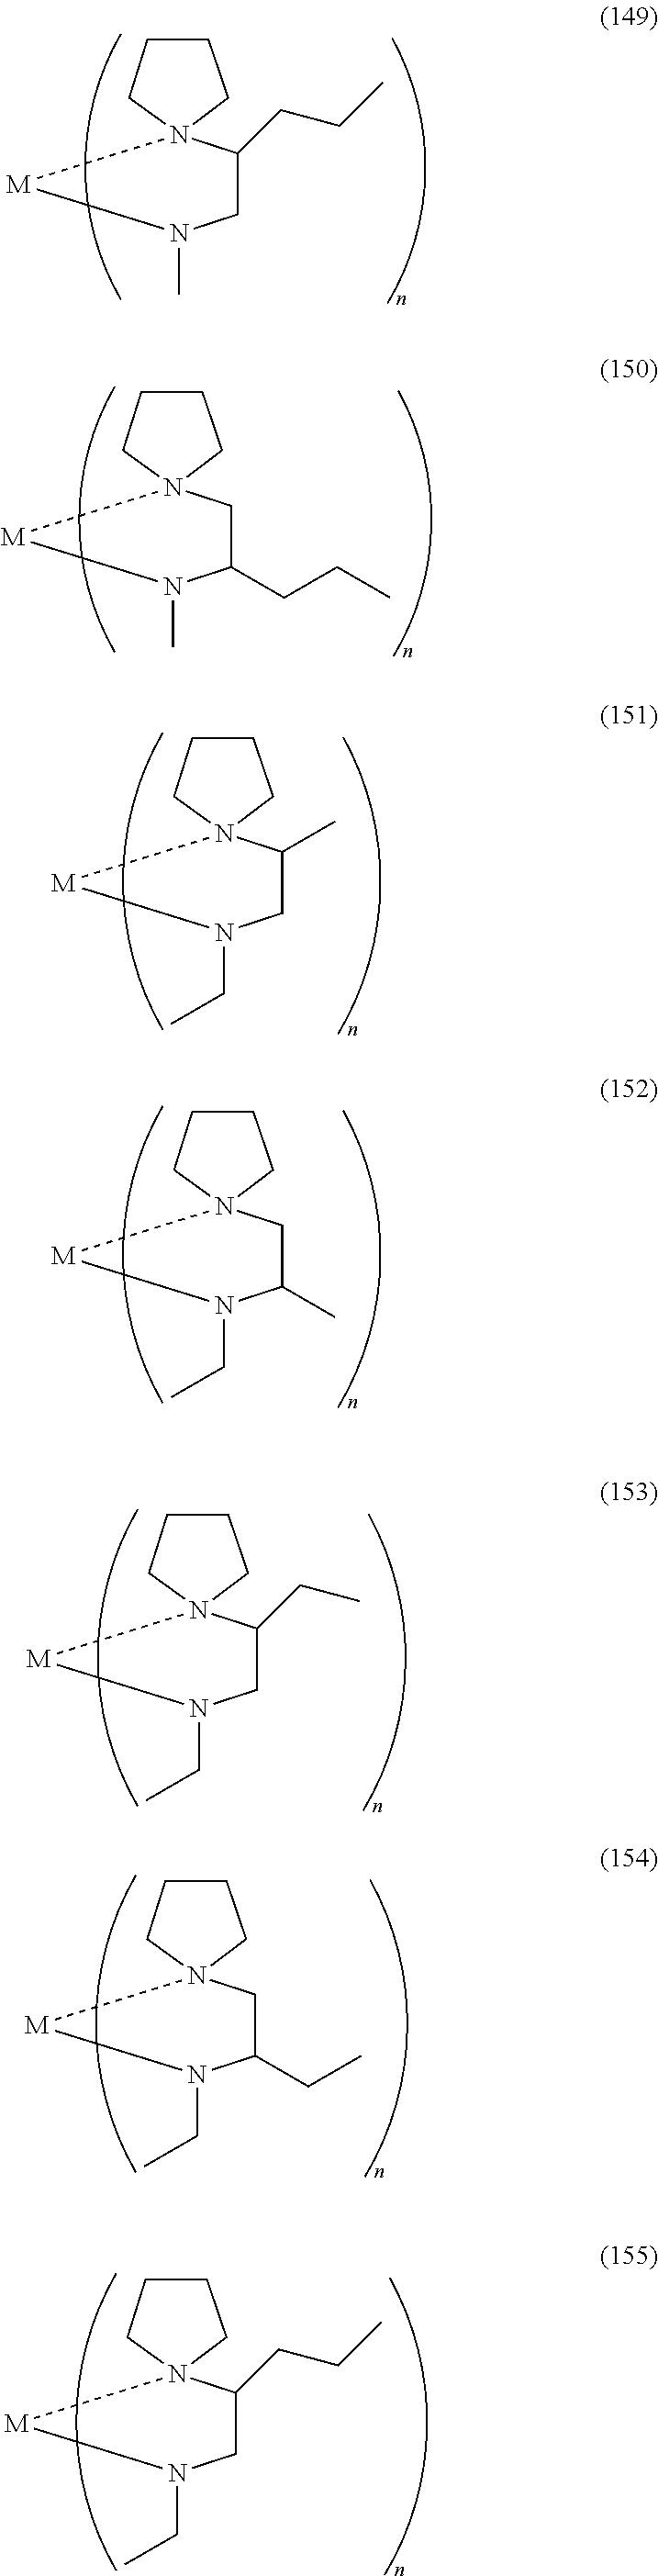 Figure US08871304-20141028-C00035